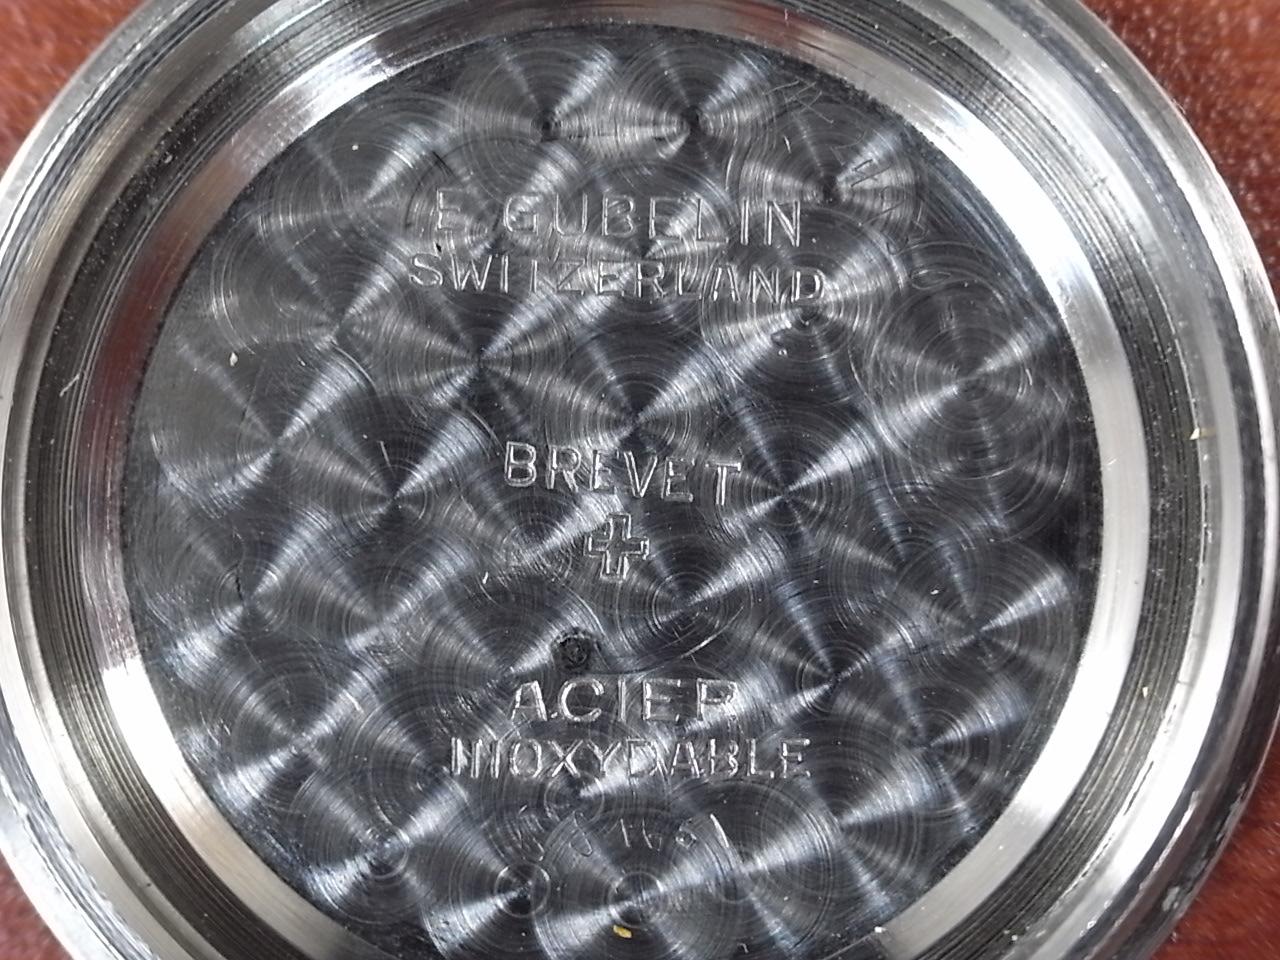 ギュブラン スイス高級宝飾店 ブラックミラー ボーイズ スクリューバック 1940年代の写真6枚目